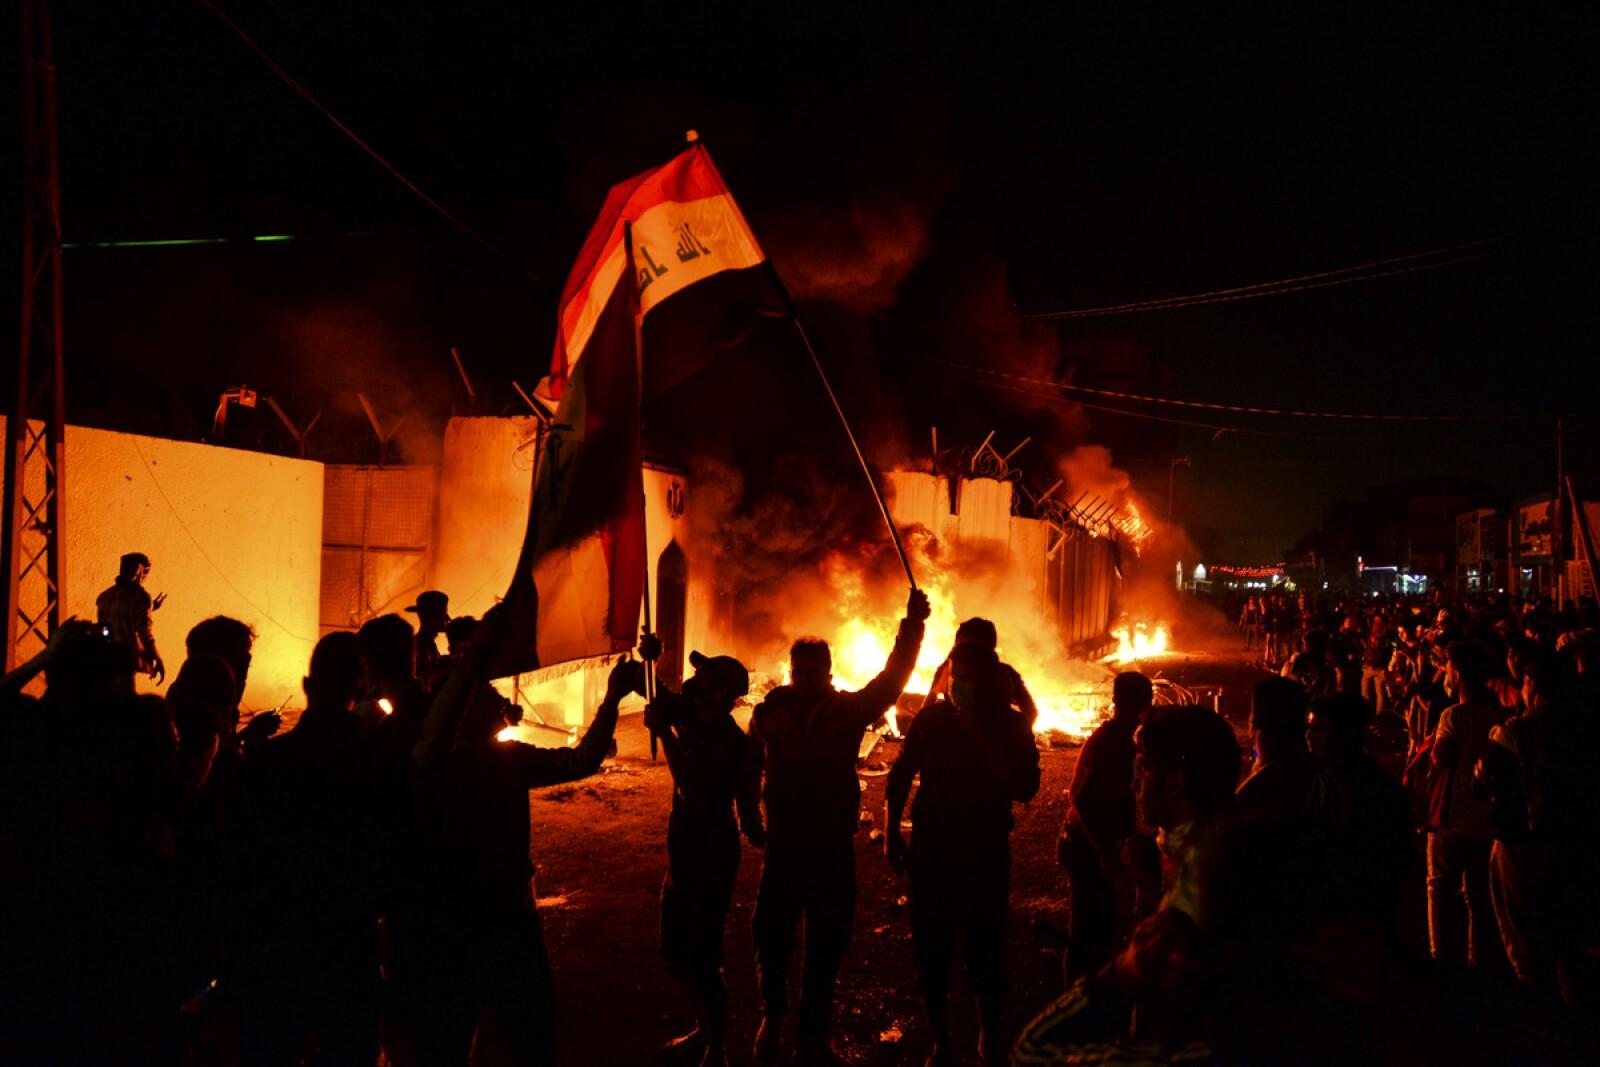 IRAQ-POLITICS-PROTESTS-IRAN